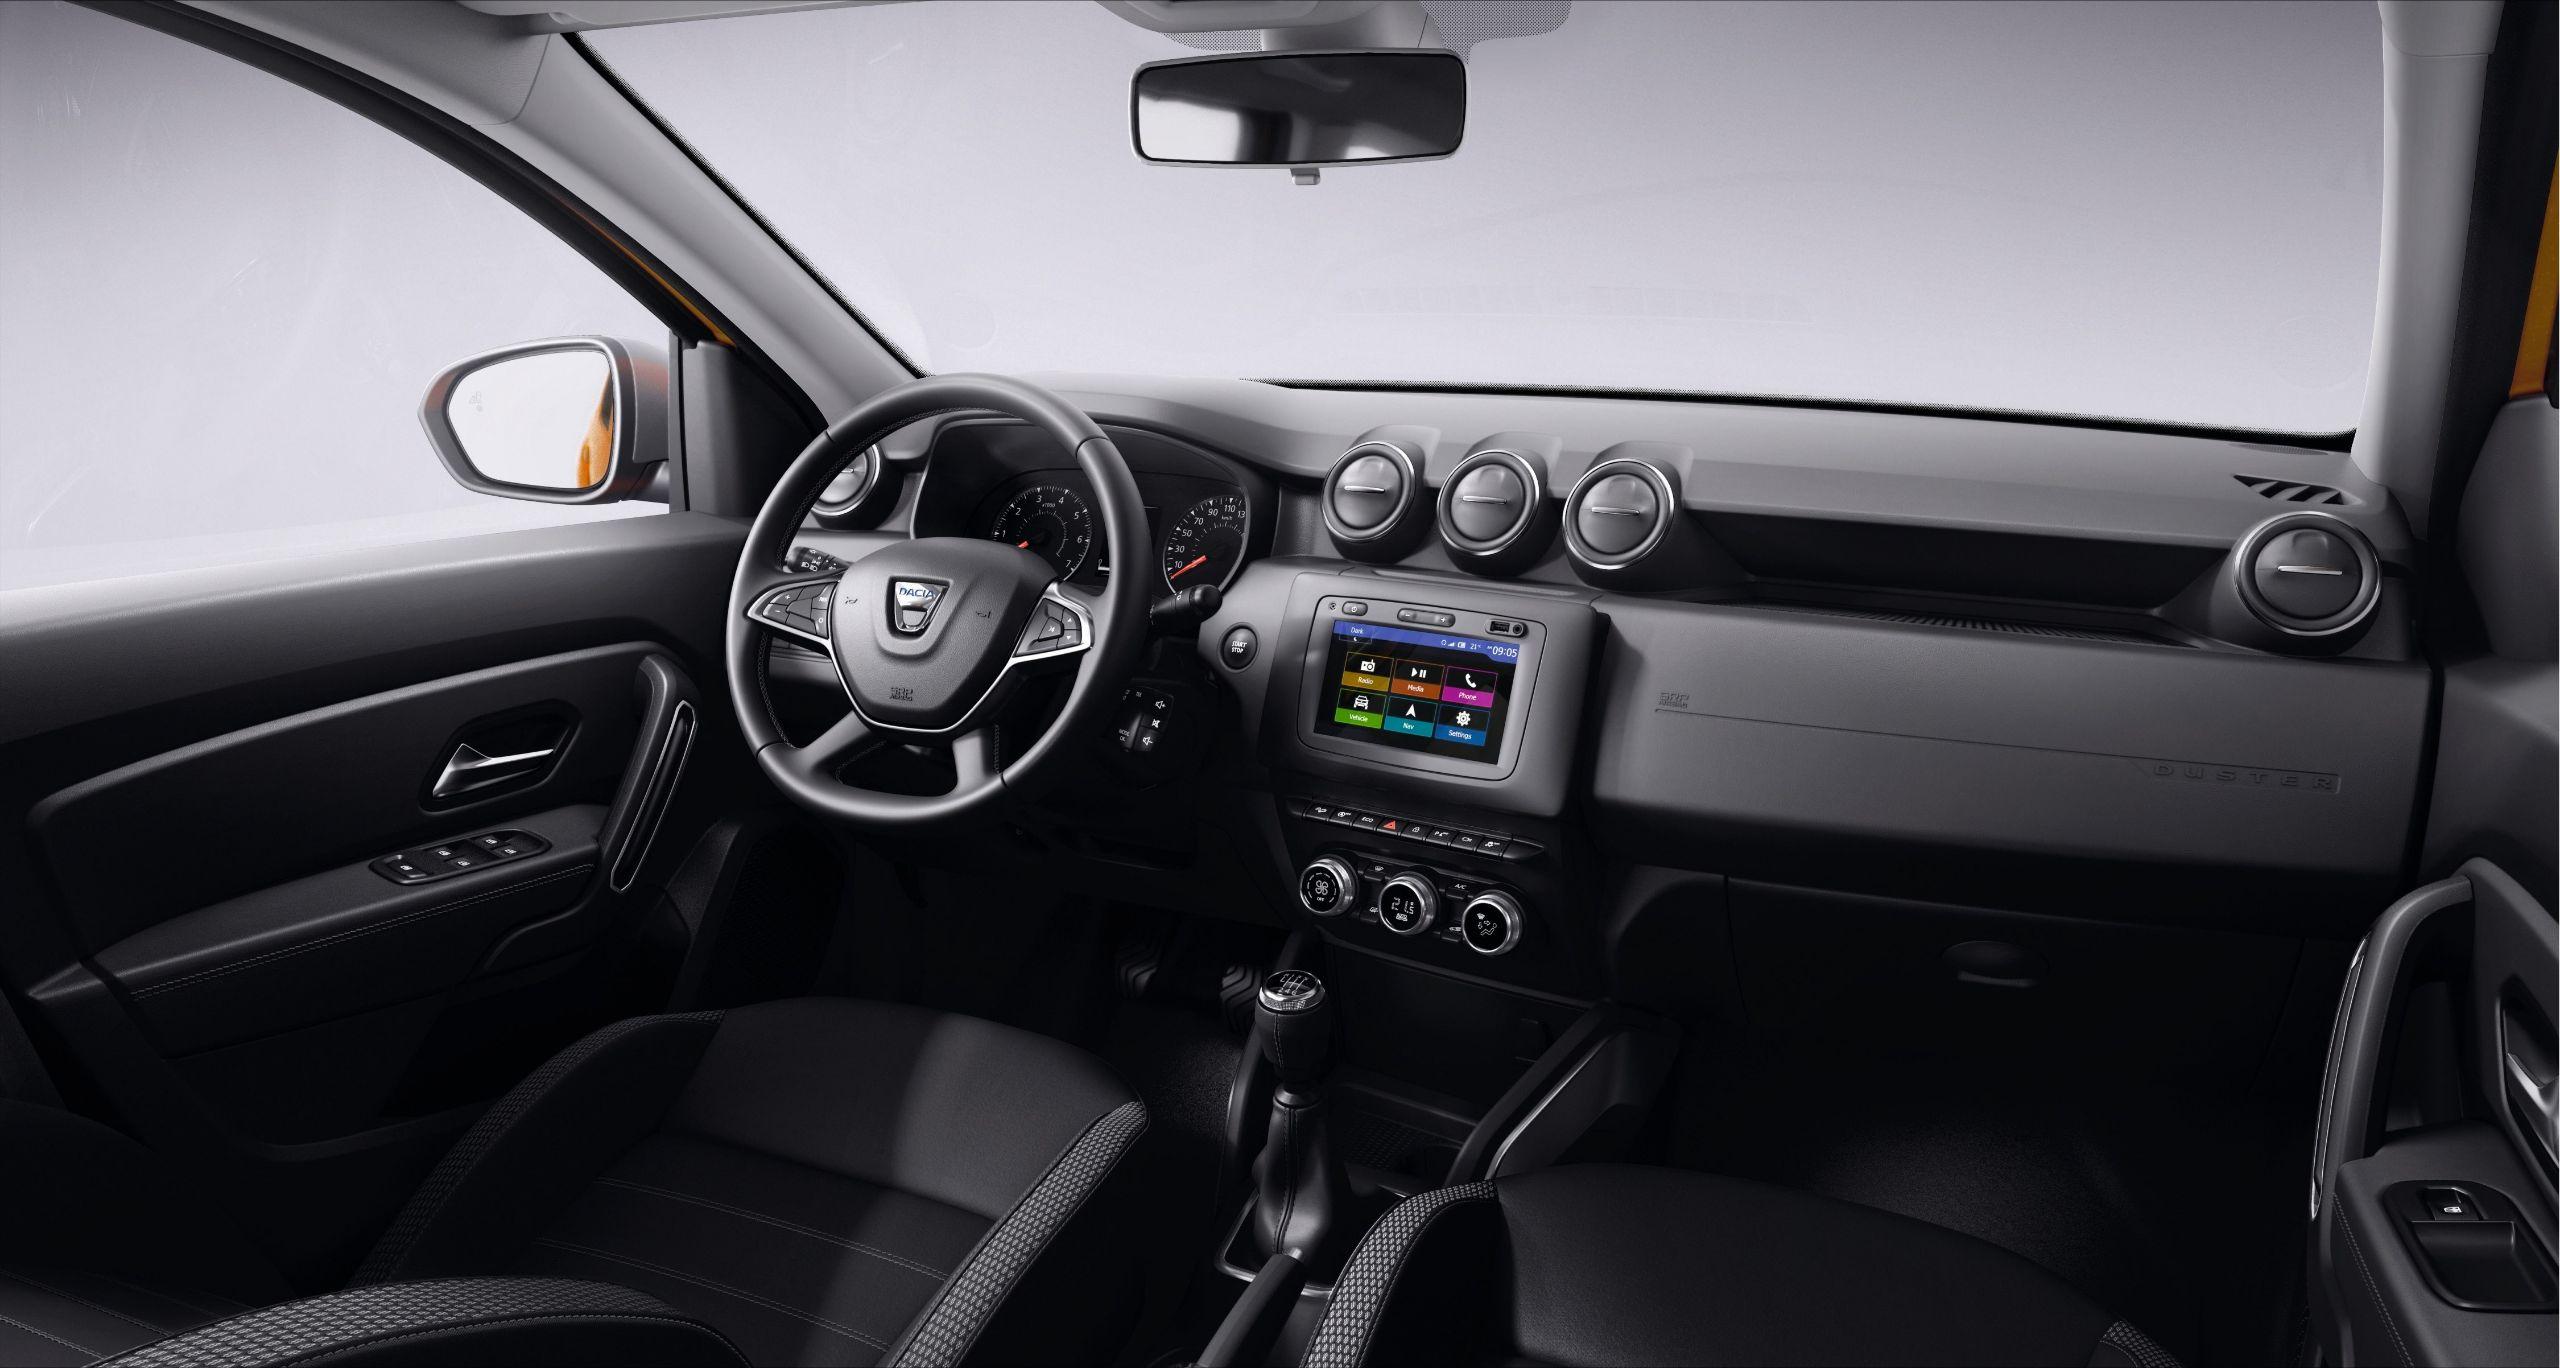 Renault apresentou, no Salão do Automóvel de Paris, o novo Duster 1.3 turbo. Fabricante estuda trazer o modelo para o Brasil, mas ainda não há previsão.